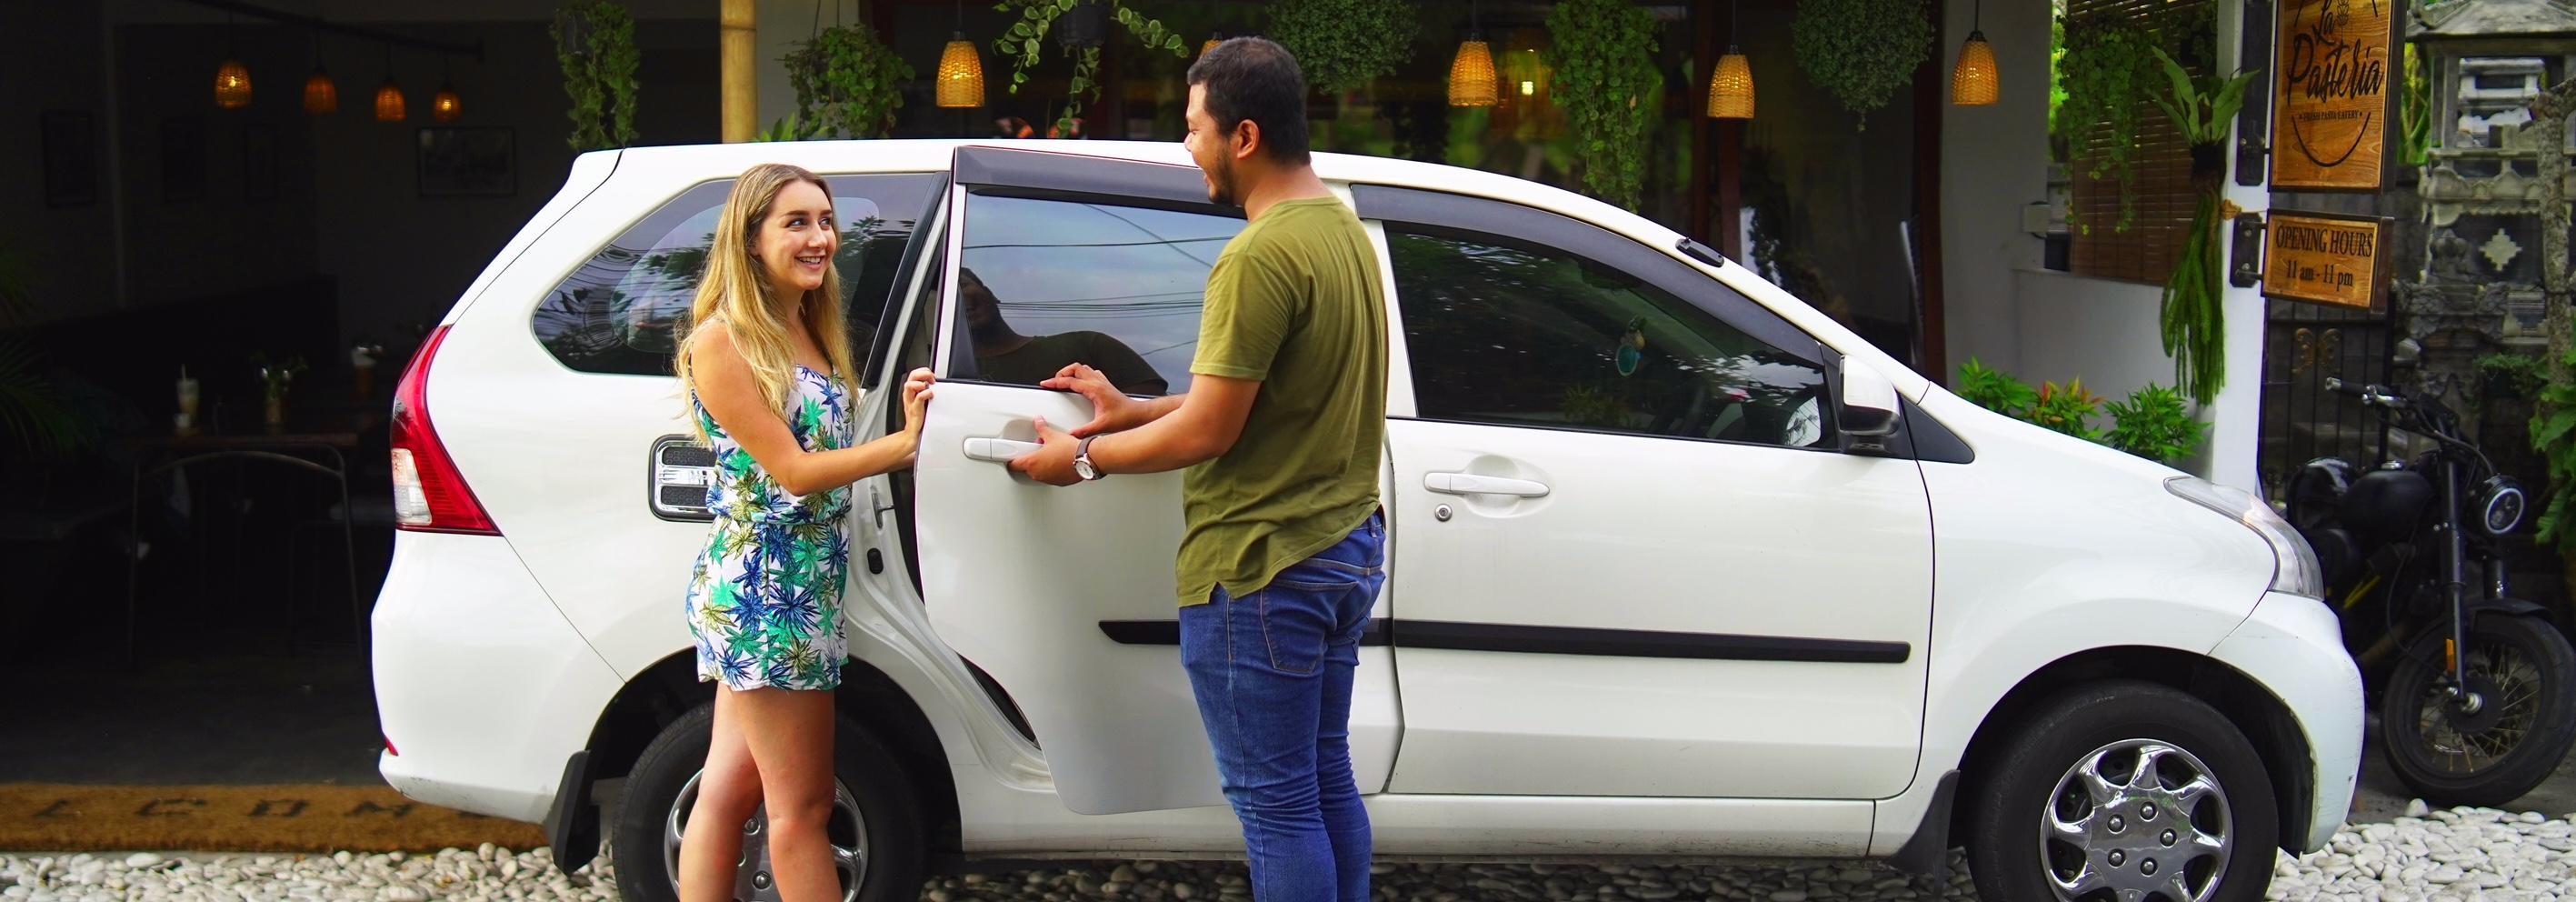 Wisata Di Bali Lebih Mudah Dengan Layanan Go Ride Go Car